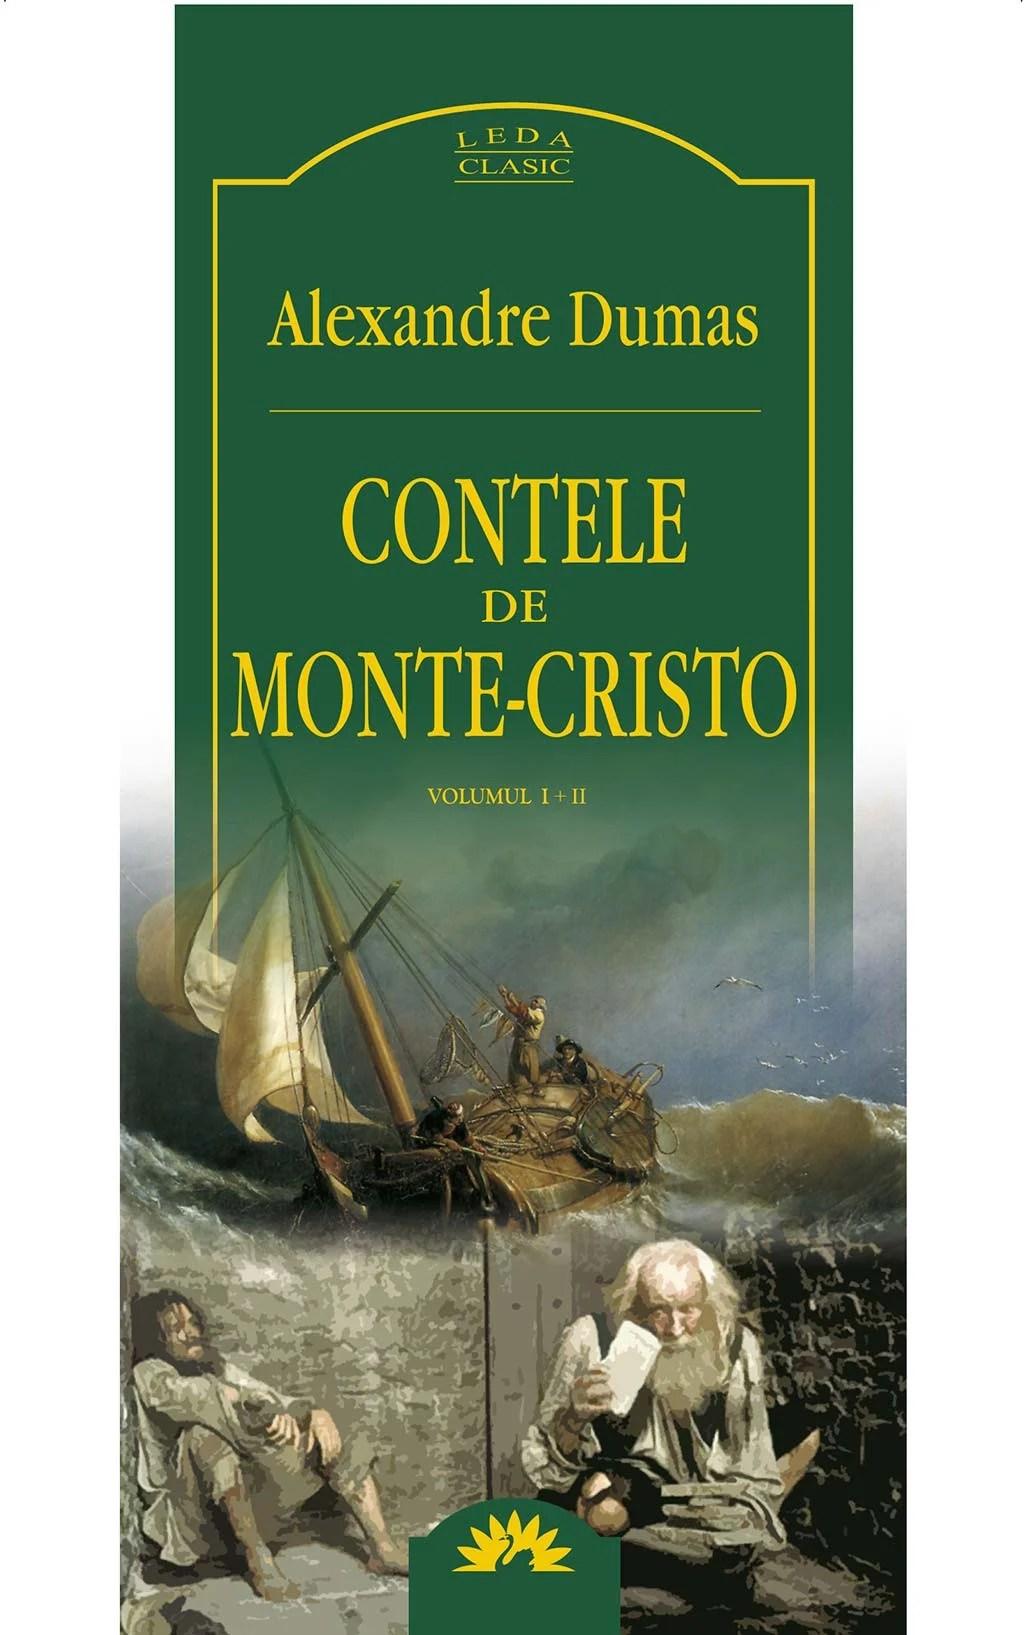 Imagini pentru contele de monte cristo carte